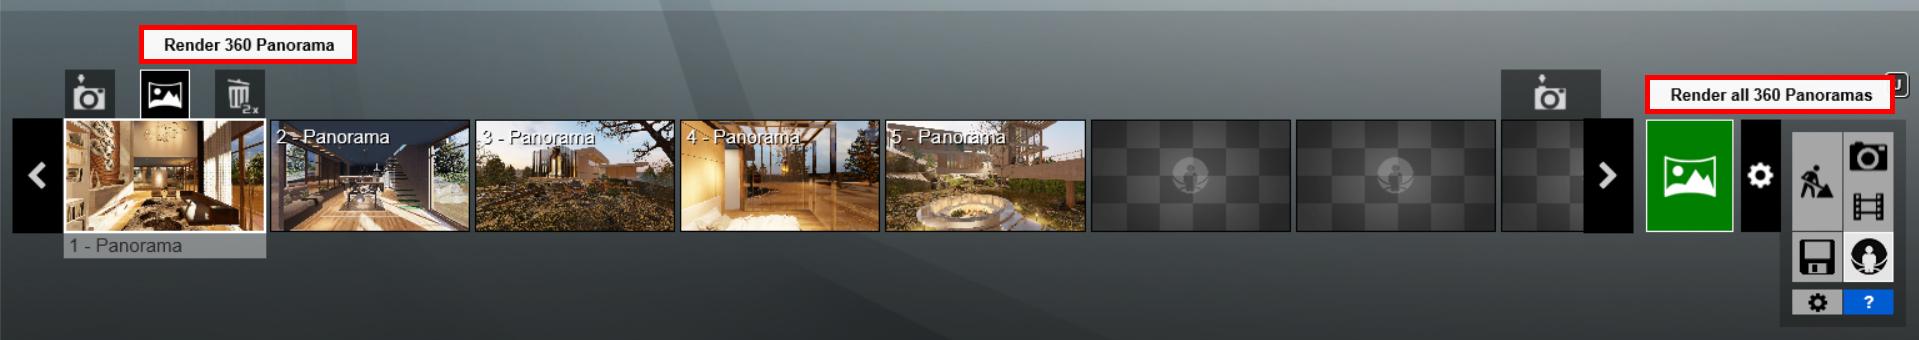 360 Panoramalar ve VR Sunumlarla Tasarımlarınızda Yolculuğa Çıkın 7